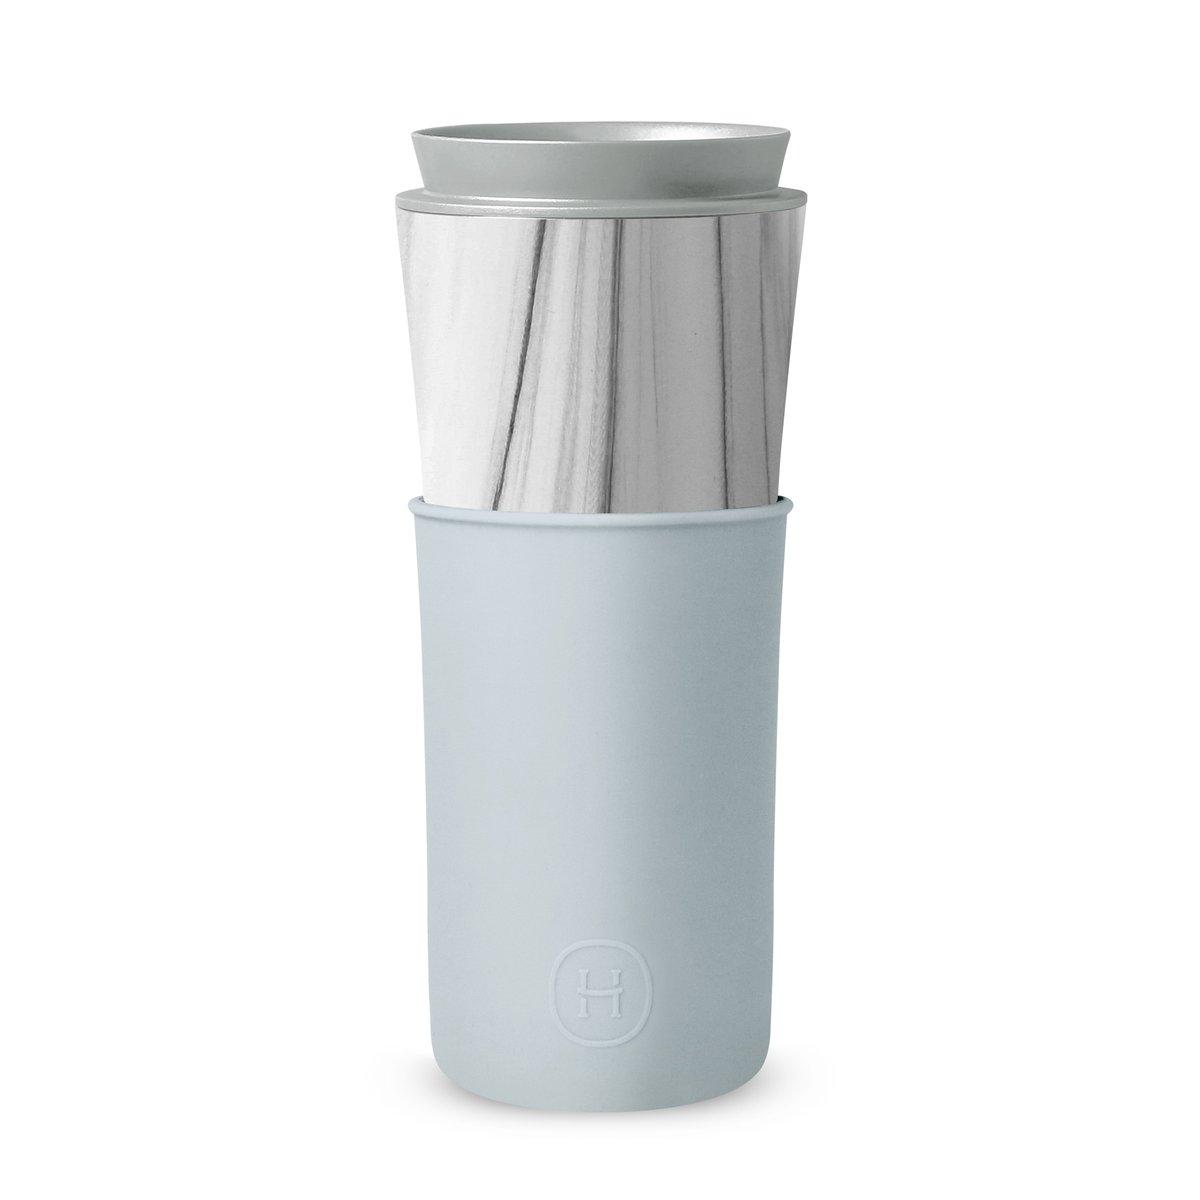 美國 HYDY 兩用隨行保溫杯 450ml 大理石紋杯 (積雲)